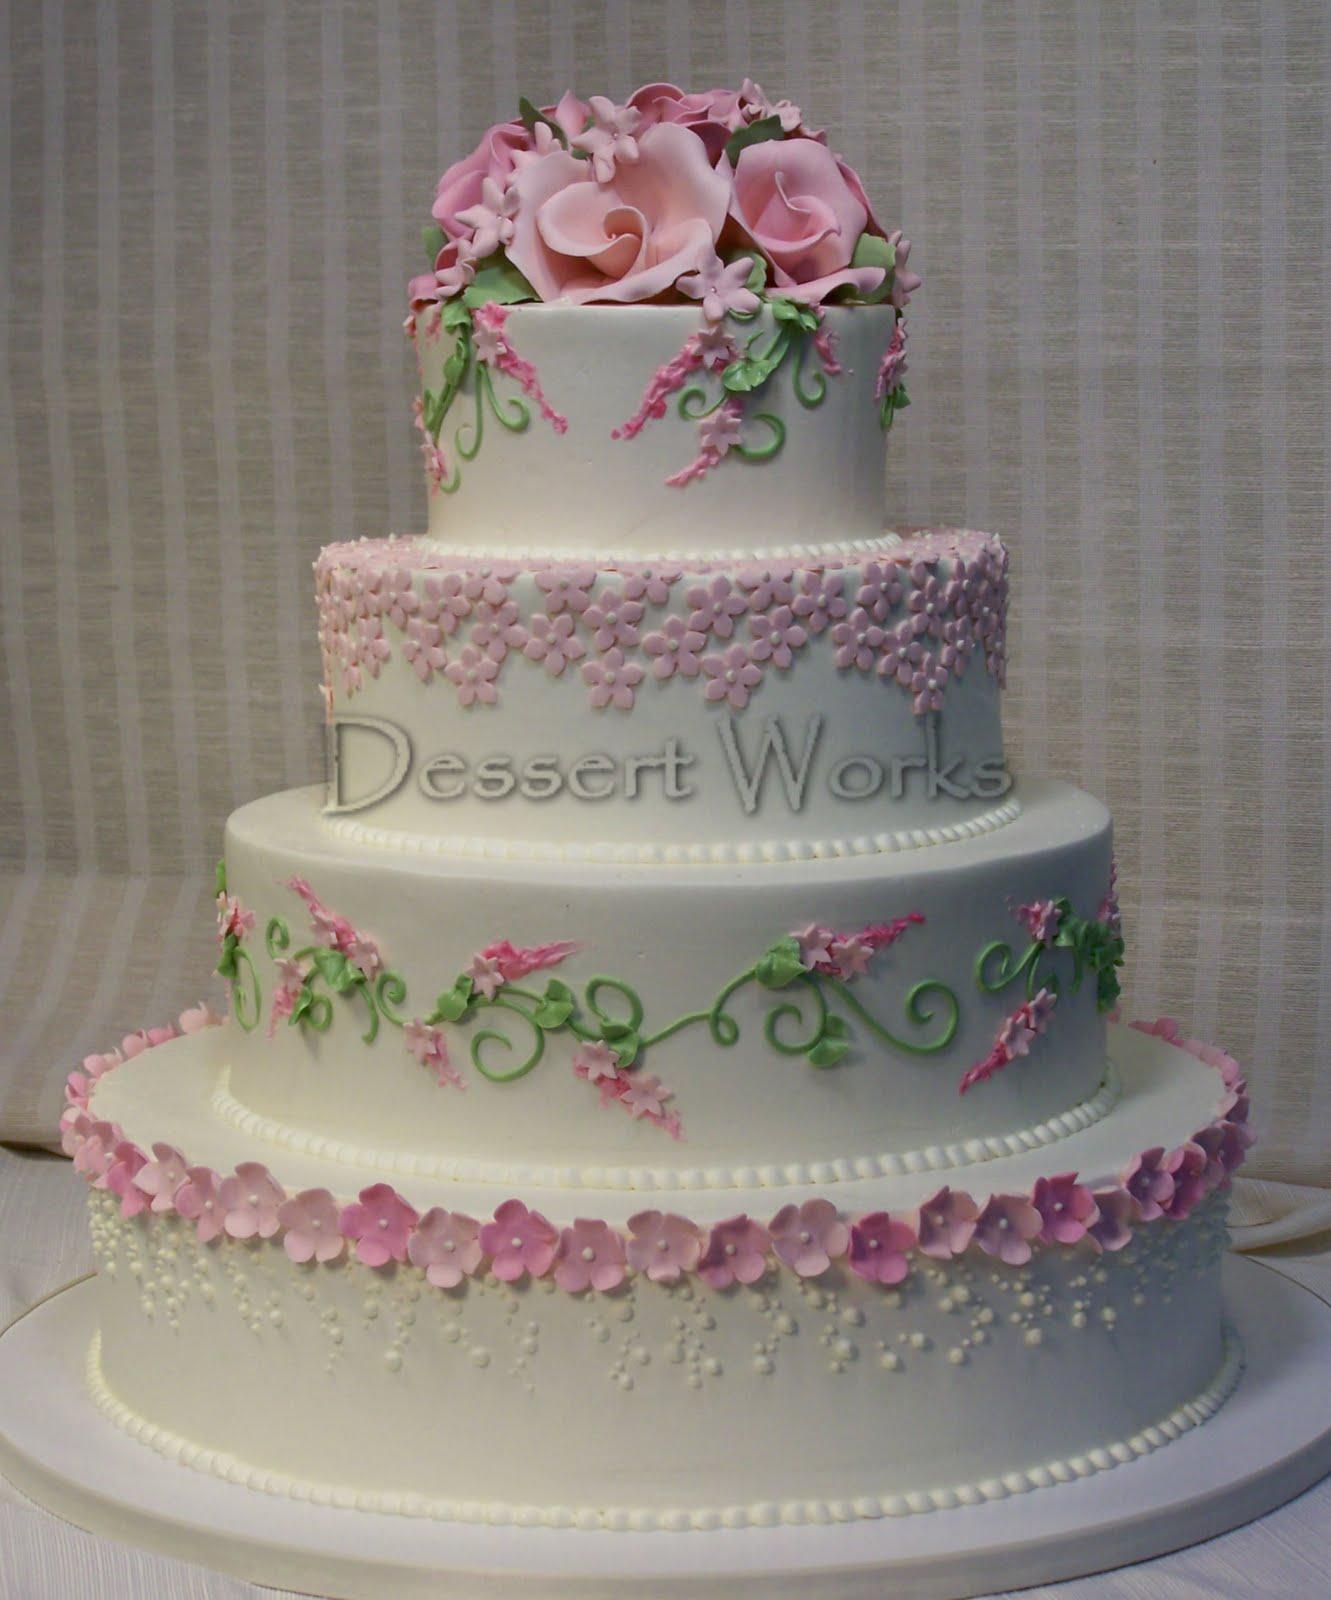 Dessert Works Bakery Garden Inspired